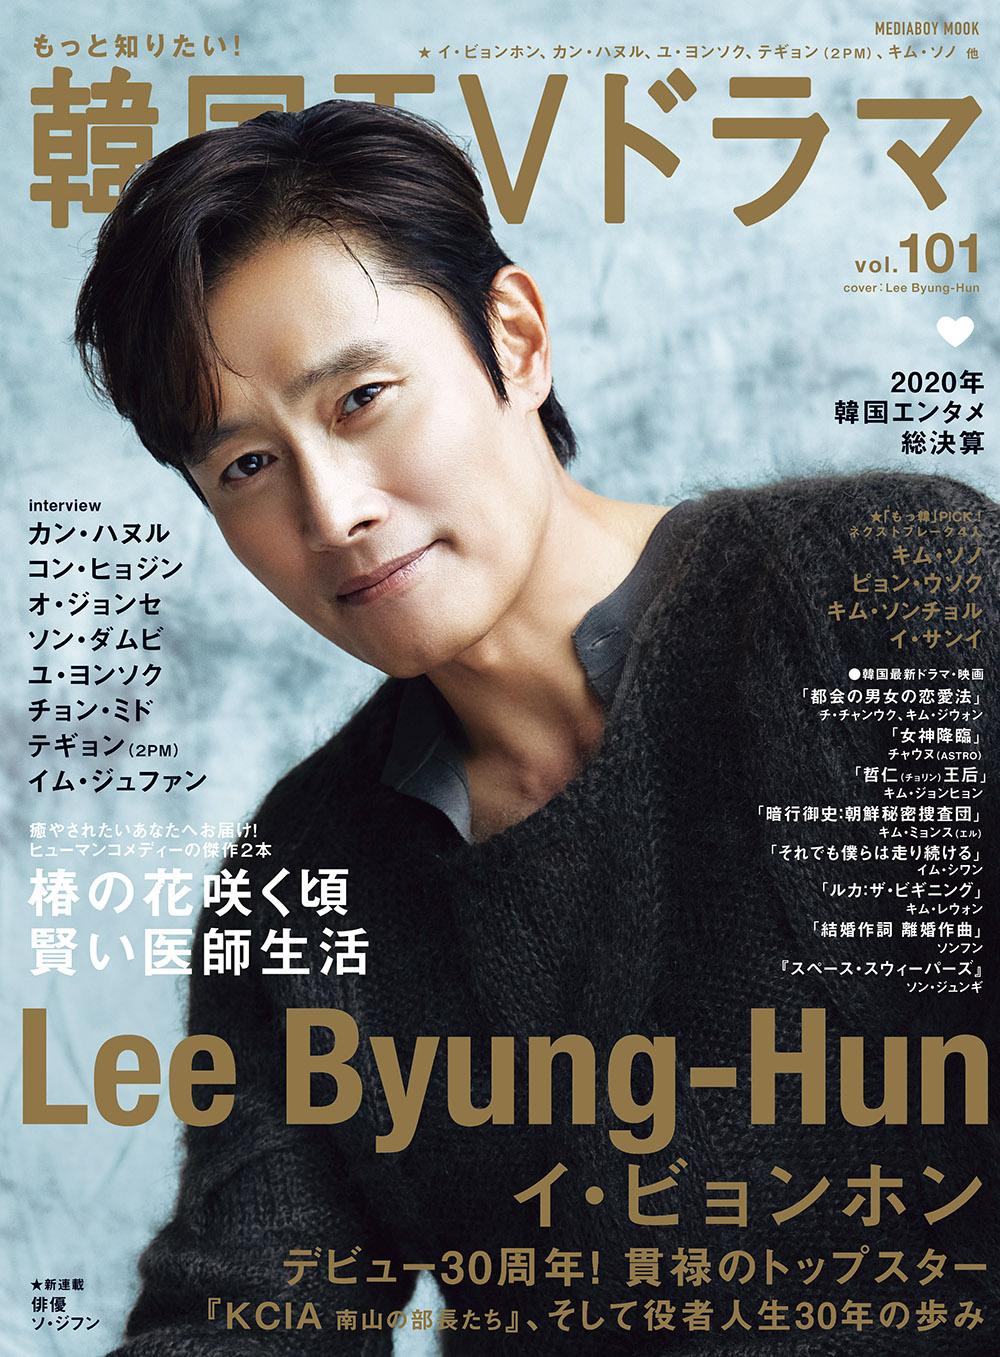 『もっと知りたい! 韓国TVドラマ vol.101』表紙画像